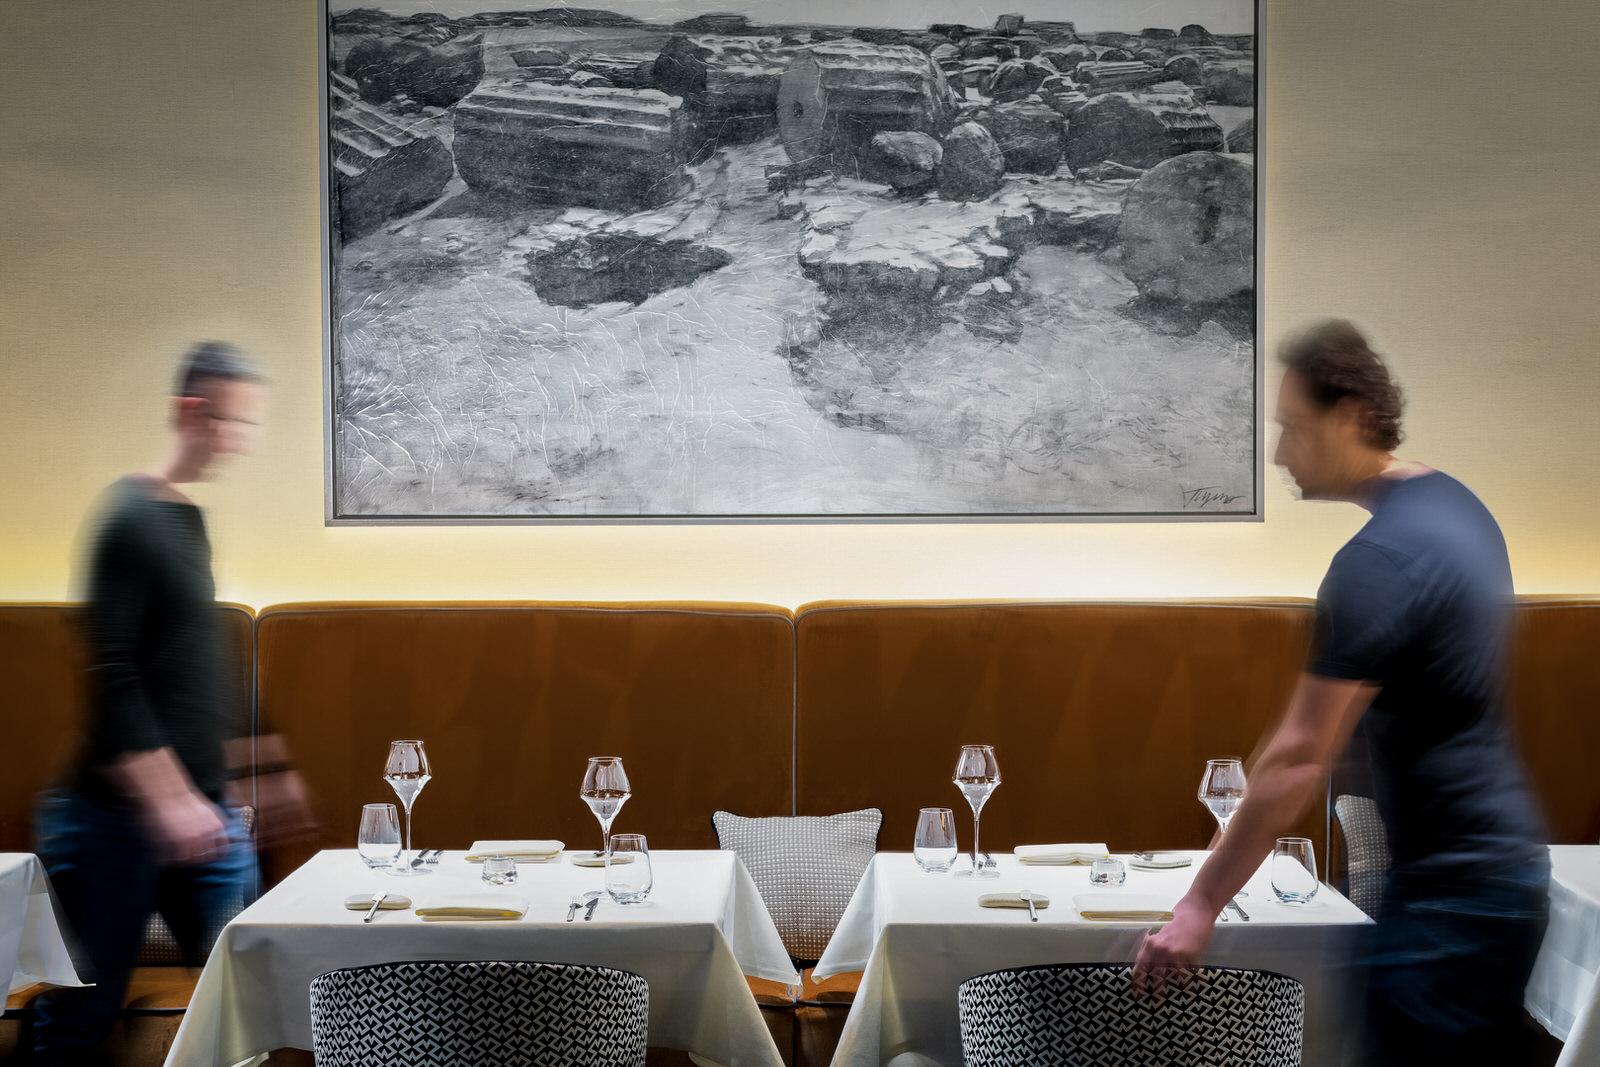 Restaurant interior mit Personen